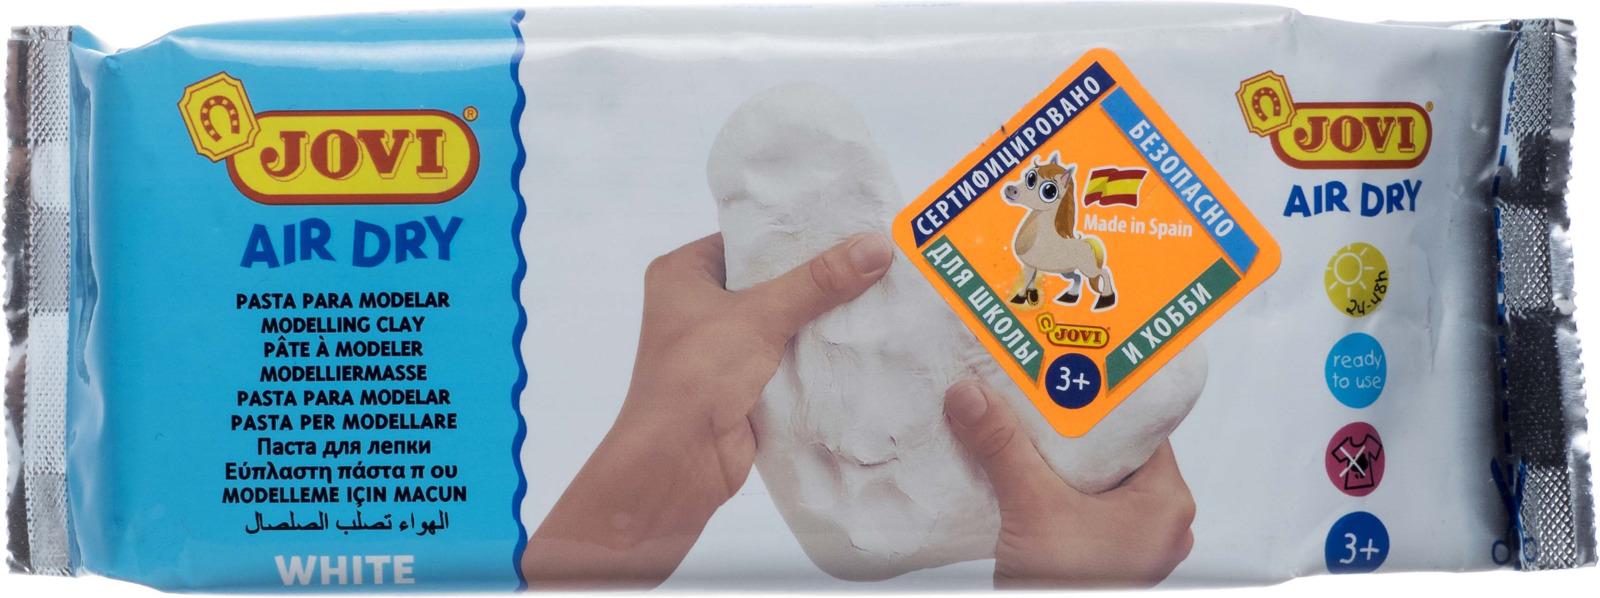 Паста для моделирования Jovi, 500 г, цвет: белый rummo casarecce 88 паста 500 г